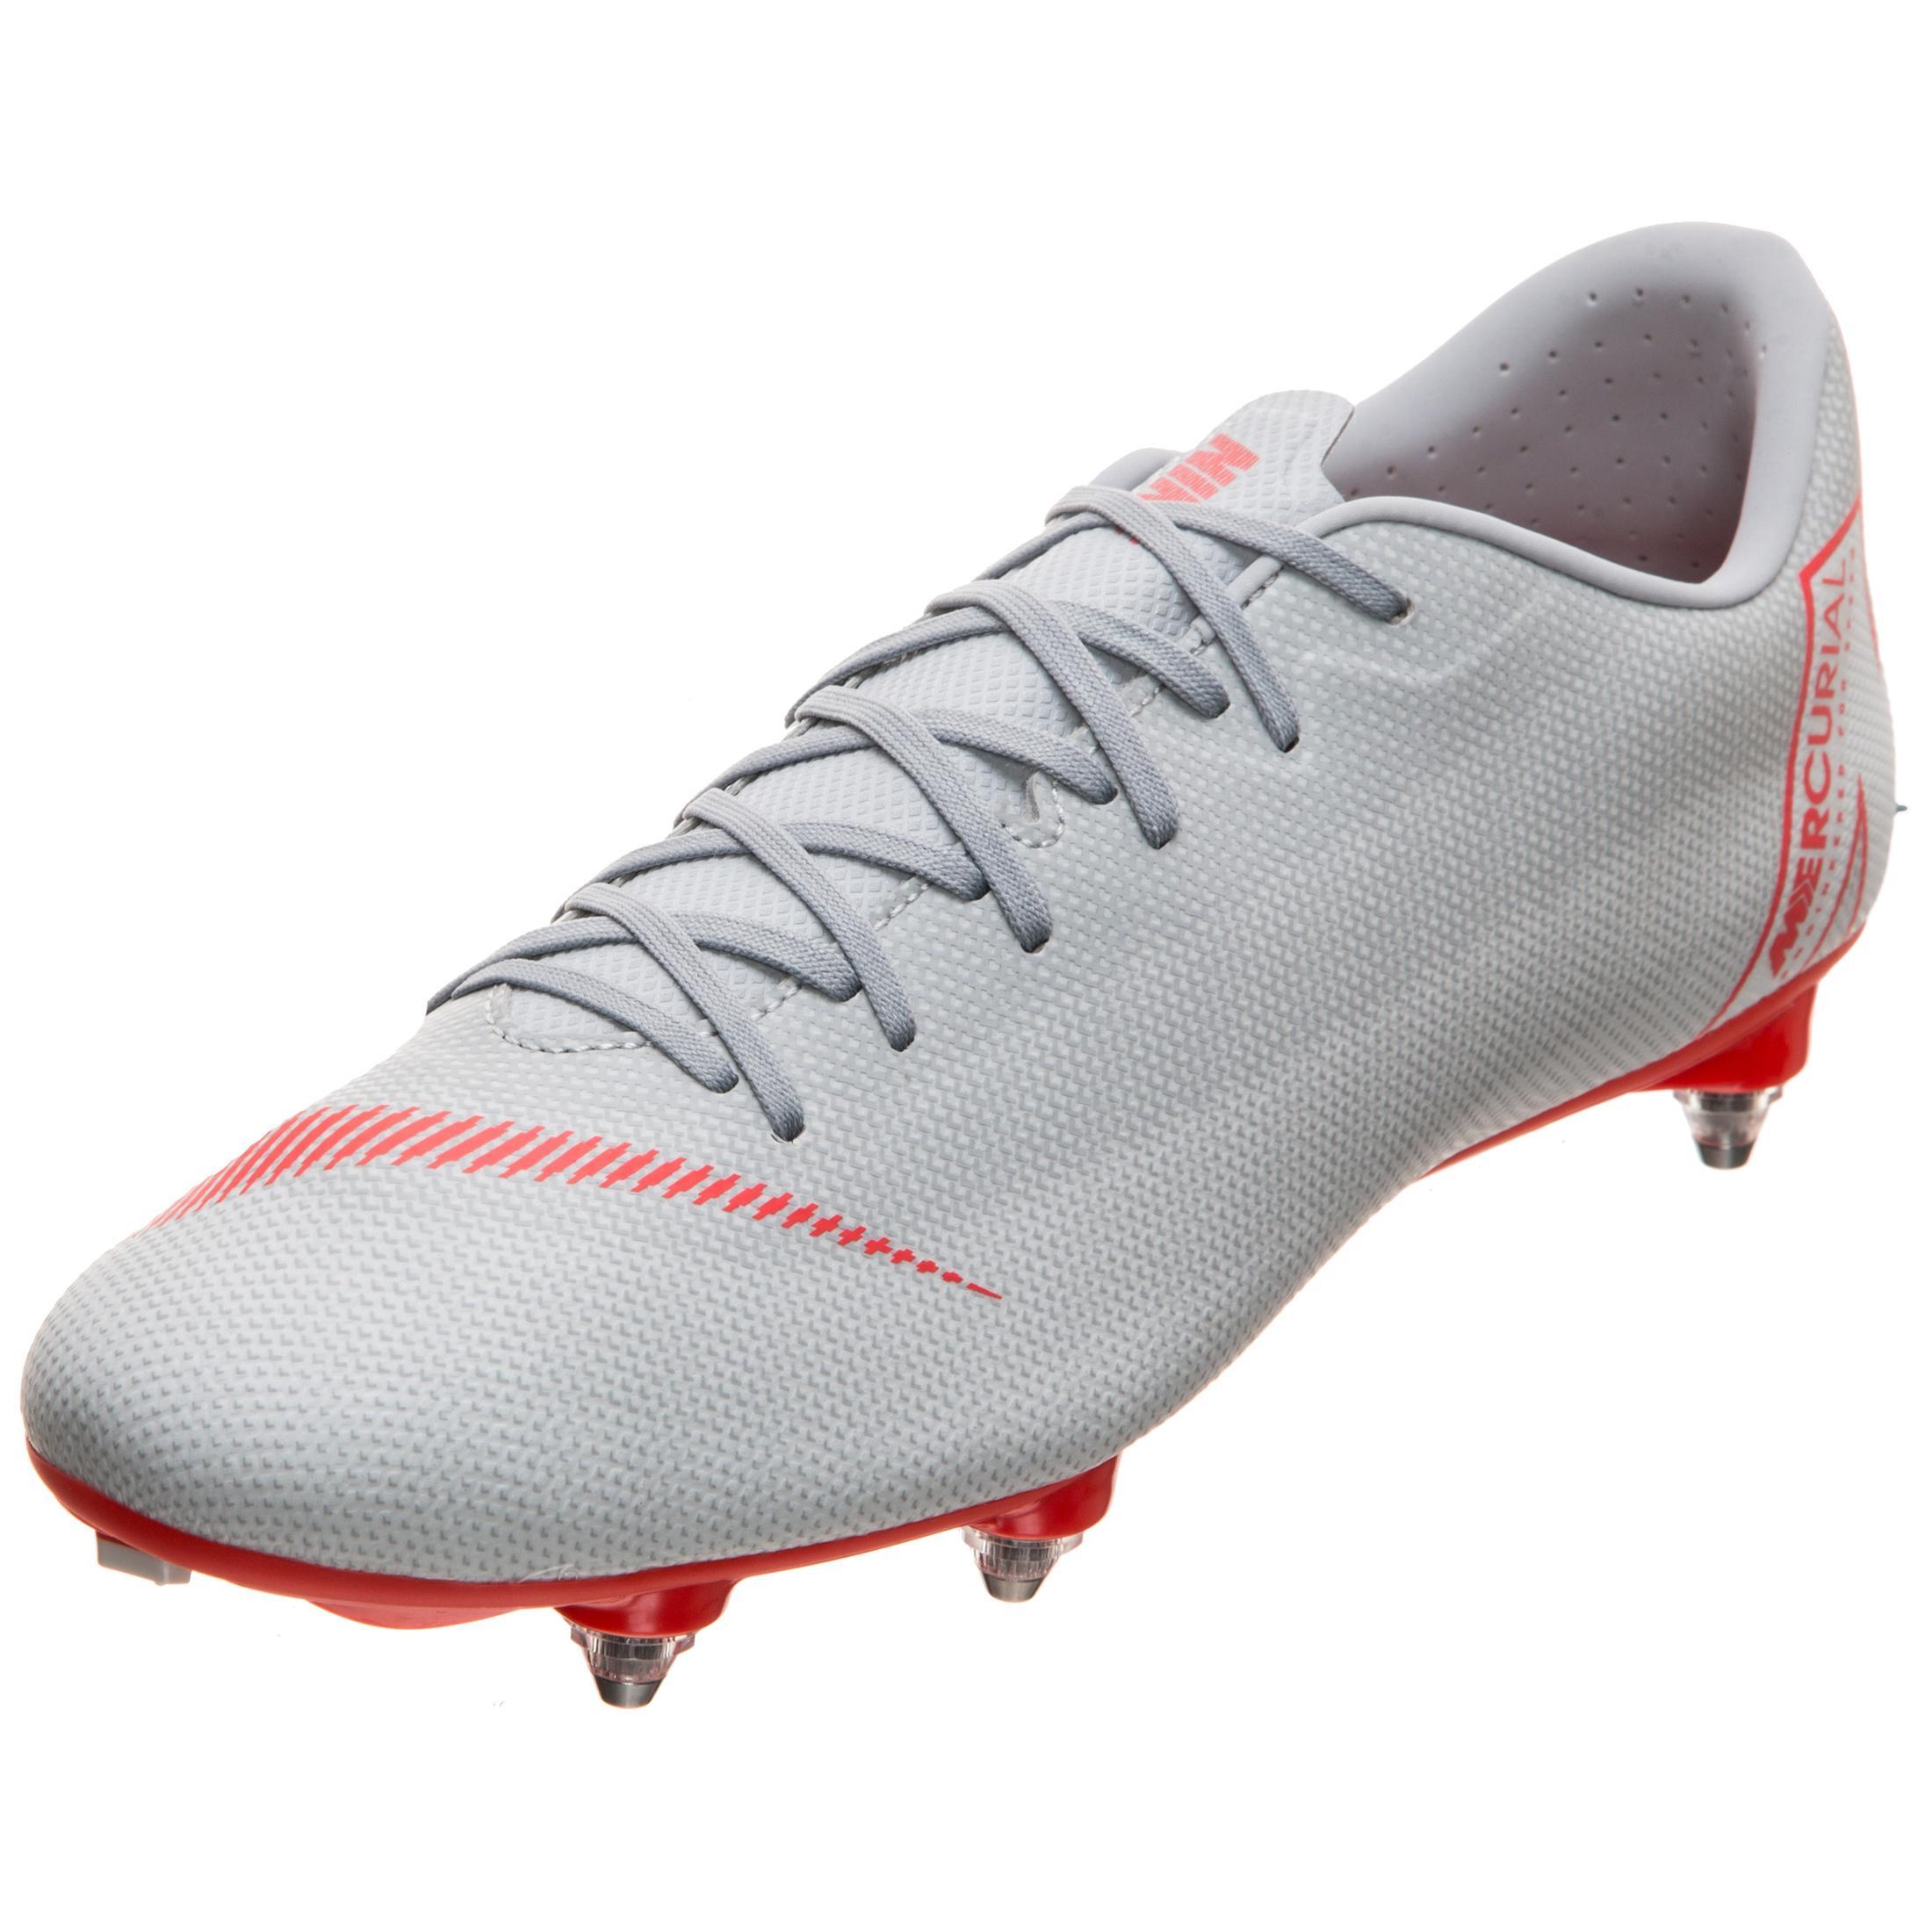 Nike Mercurial Mercurial Mercurial Vapor XII Academy SG-Pro Fußballschuhe Herren grau / rot im Online Shop von SportScheck kaufen Gute Qualität beliebte Schuhe 3cb3e0